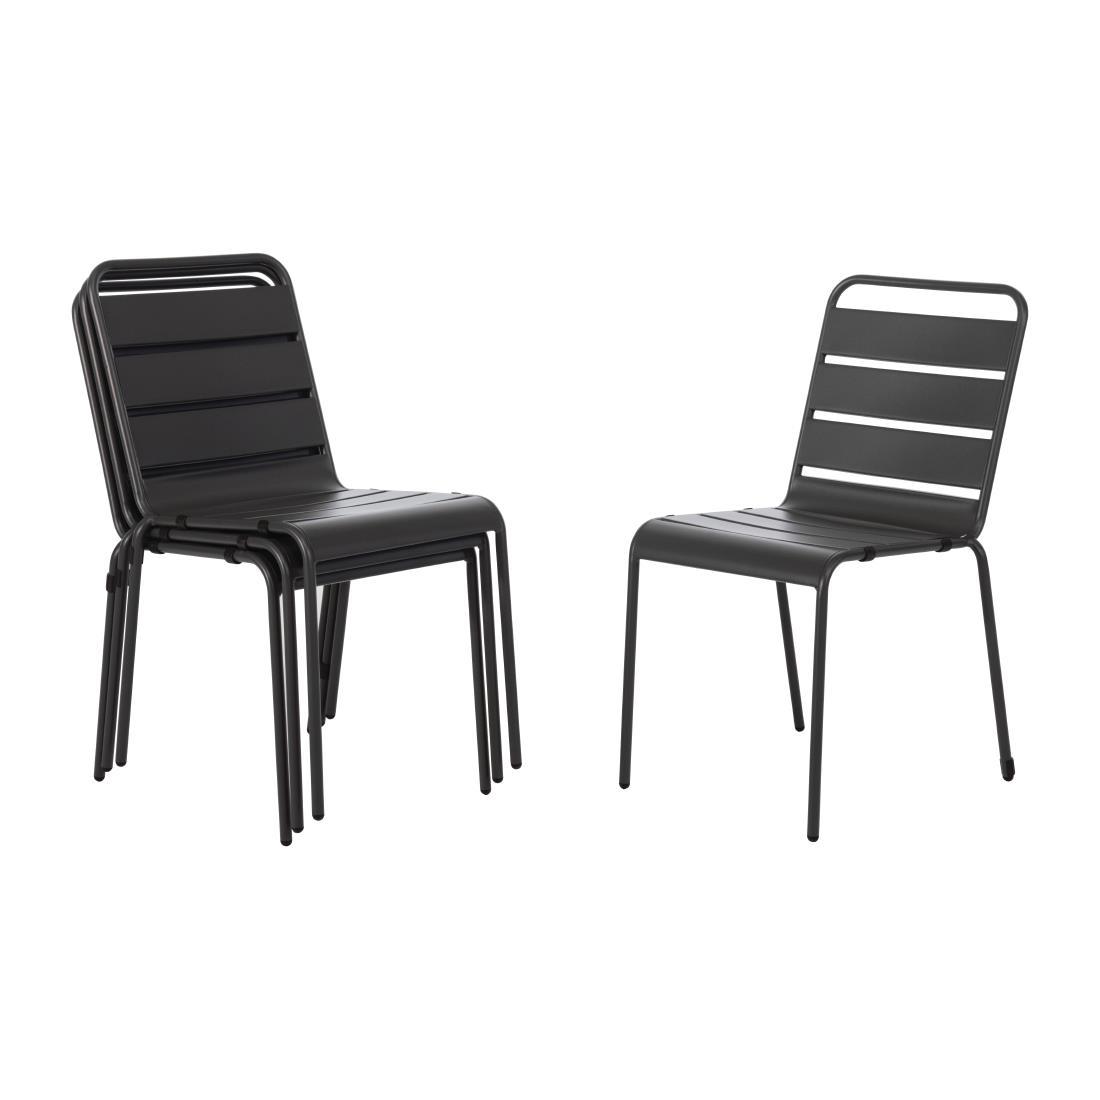 Slatted Steel Chair - Grey